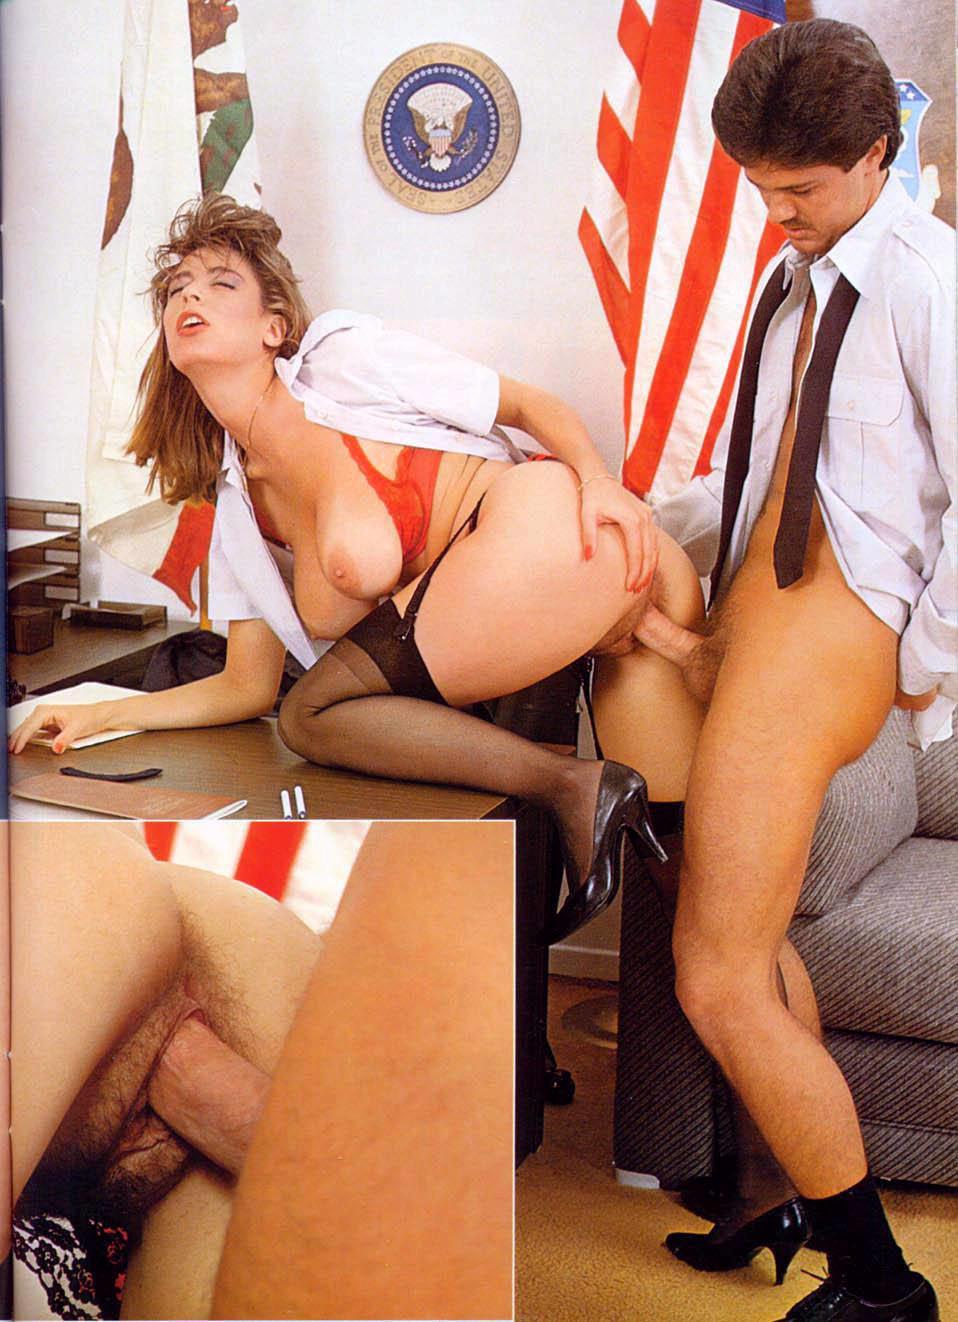 ron jeremy porn images